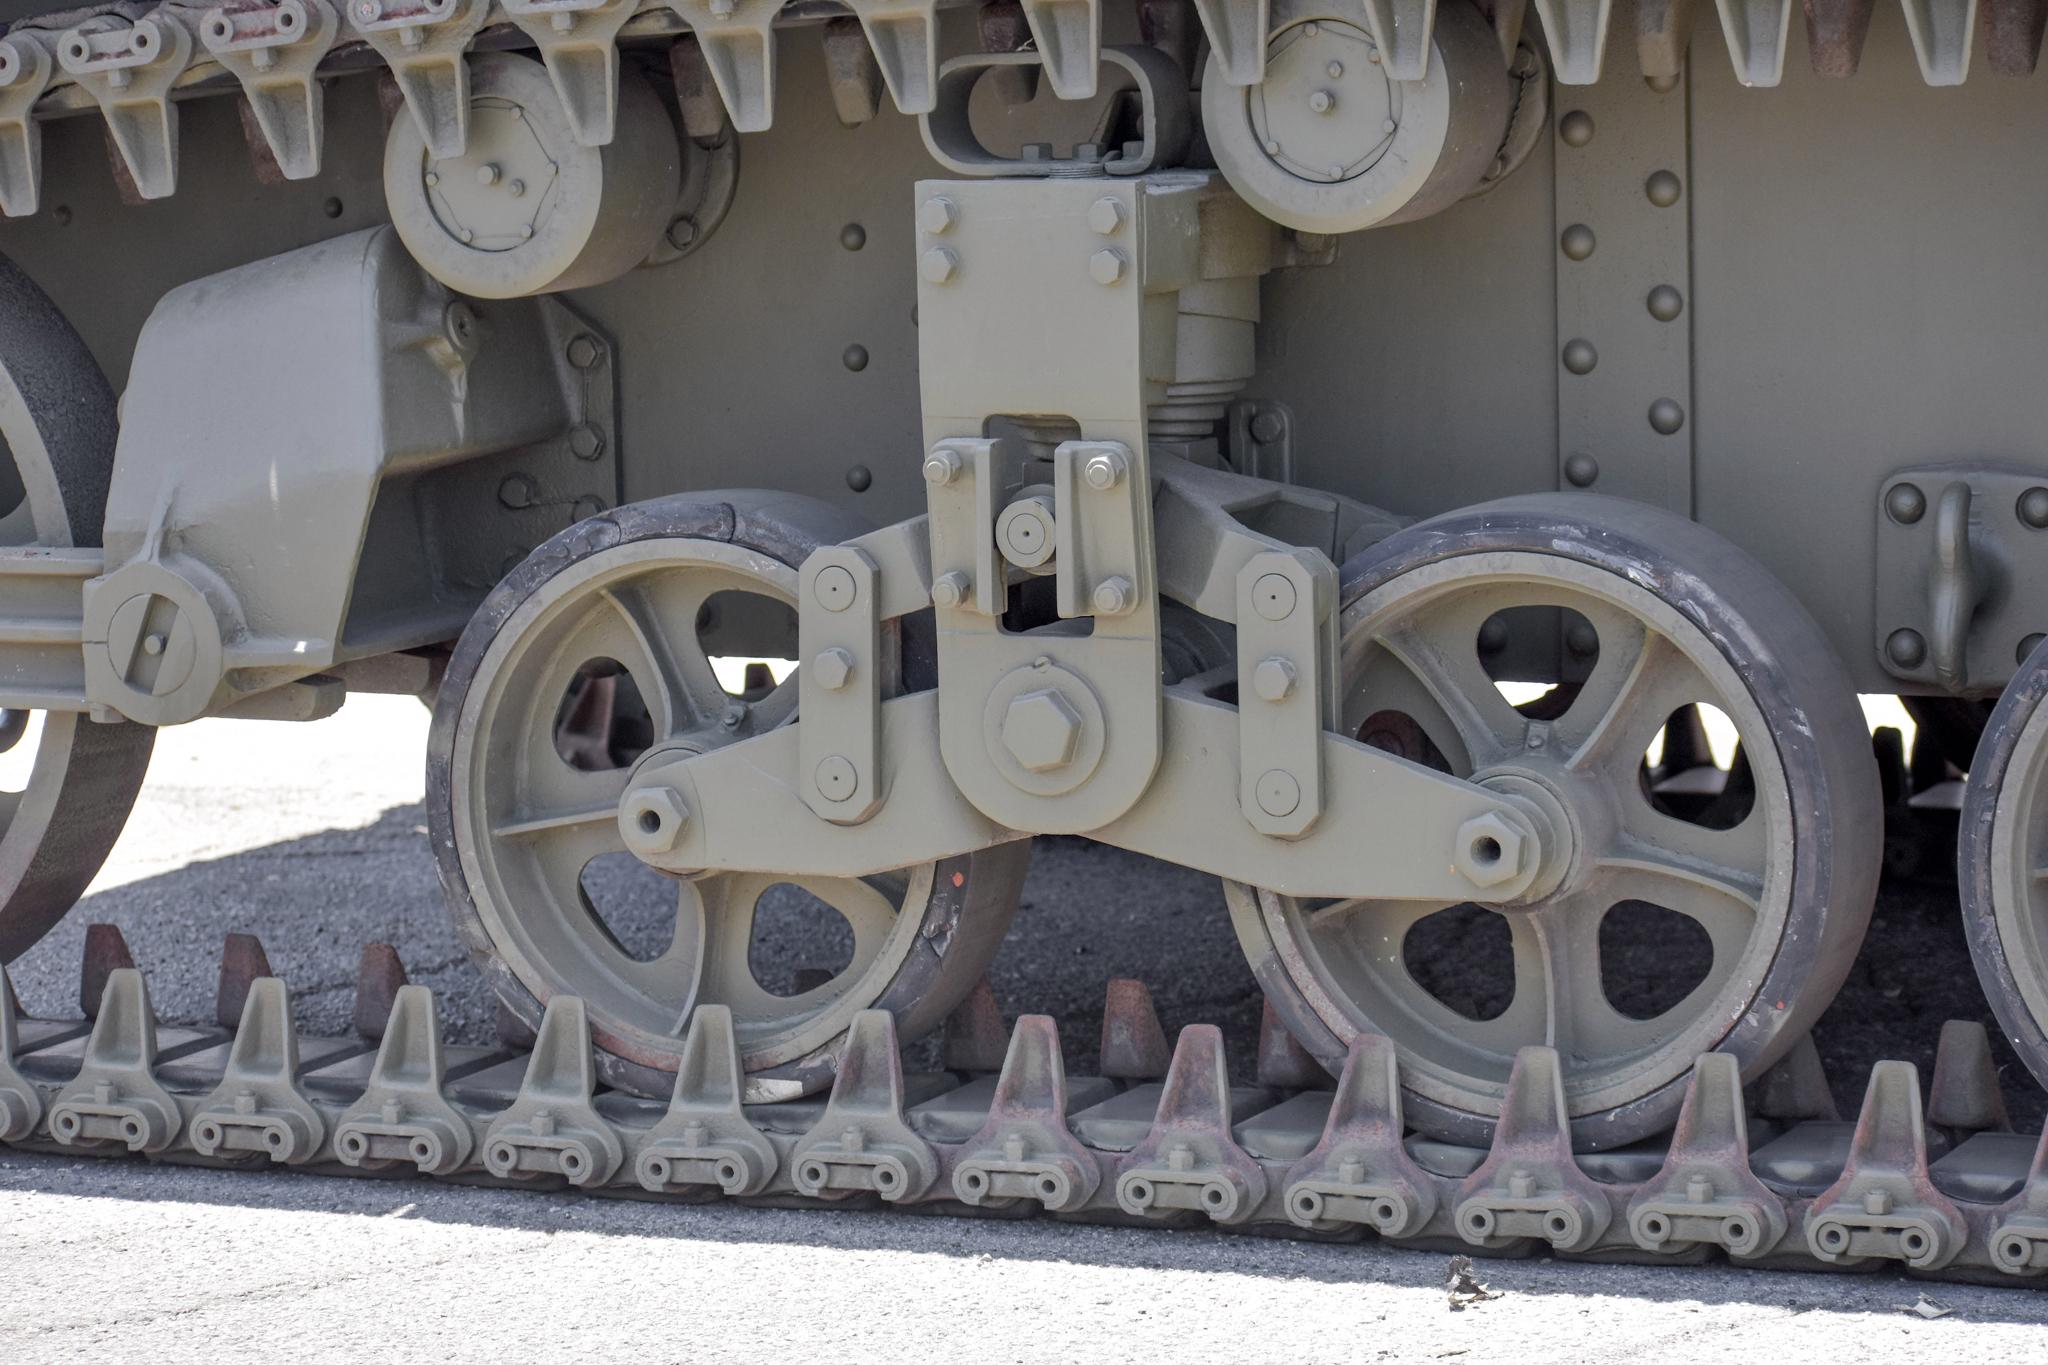 1941 M3 Stuart Tank tracks